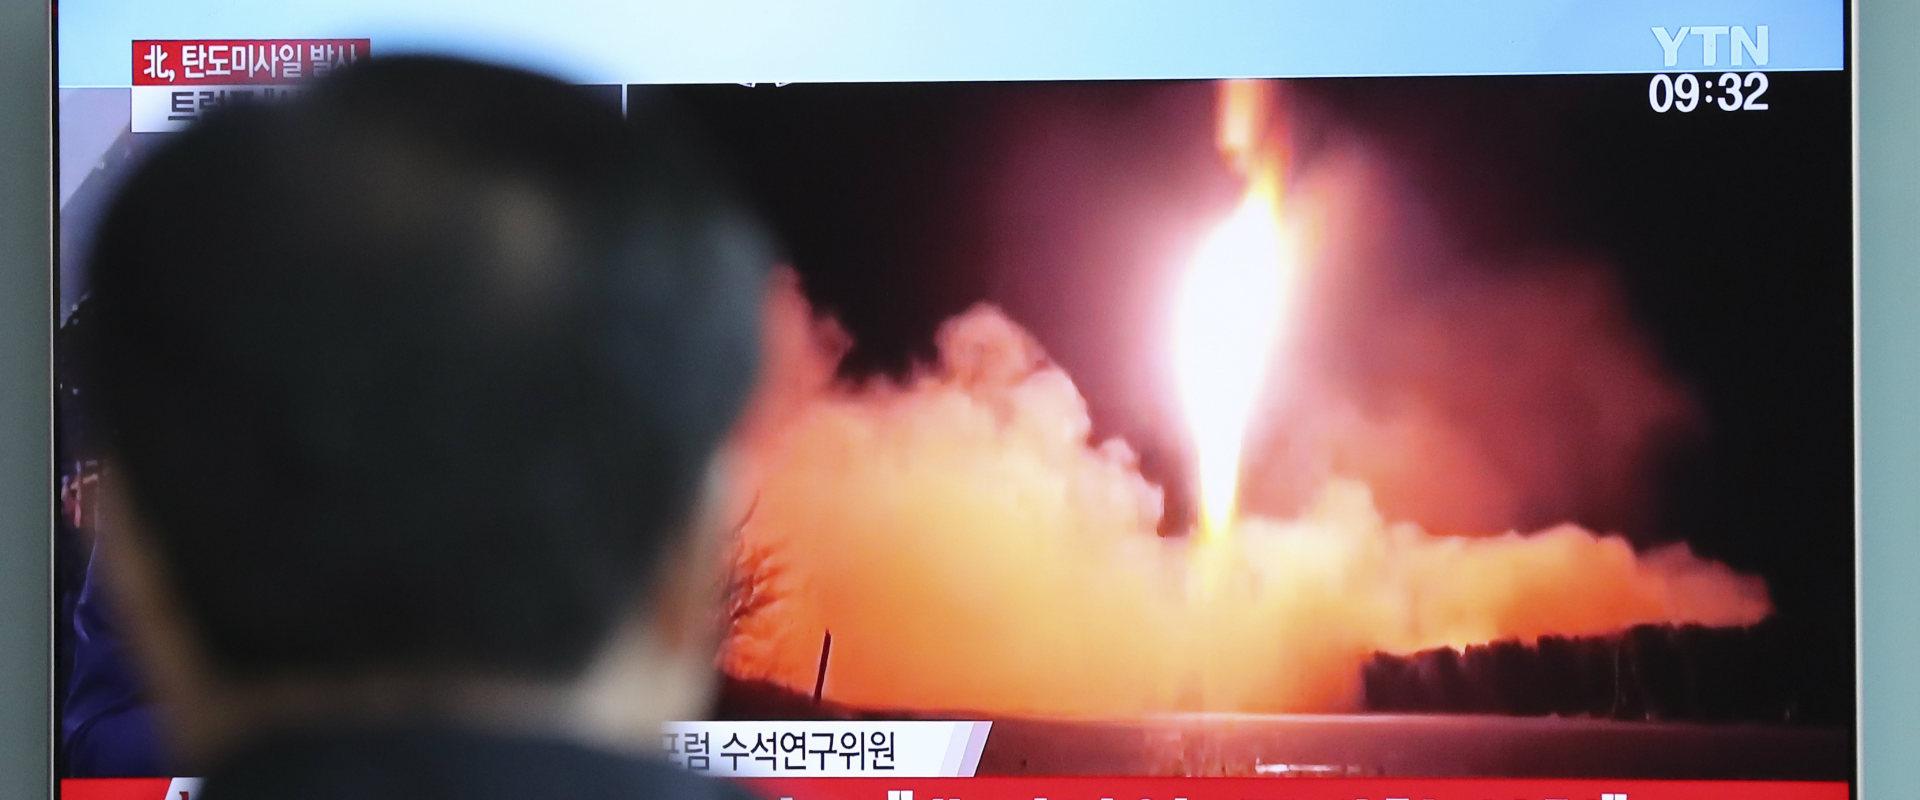 ניסוי השיגור בטיל בליסטי בשידור בטלוויזיה